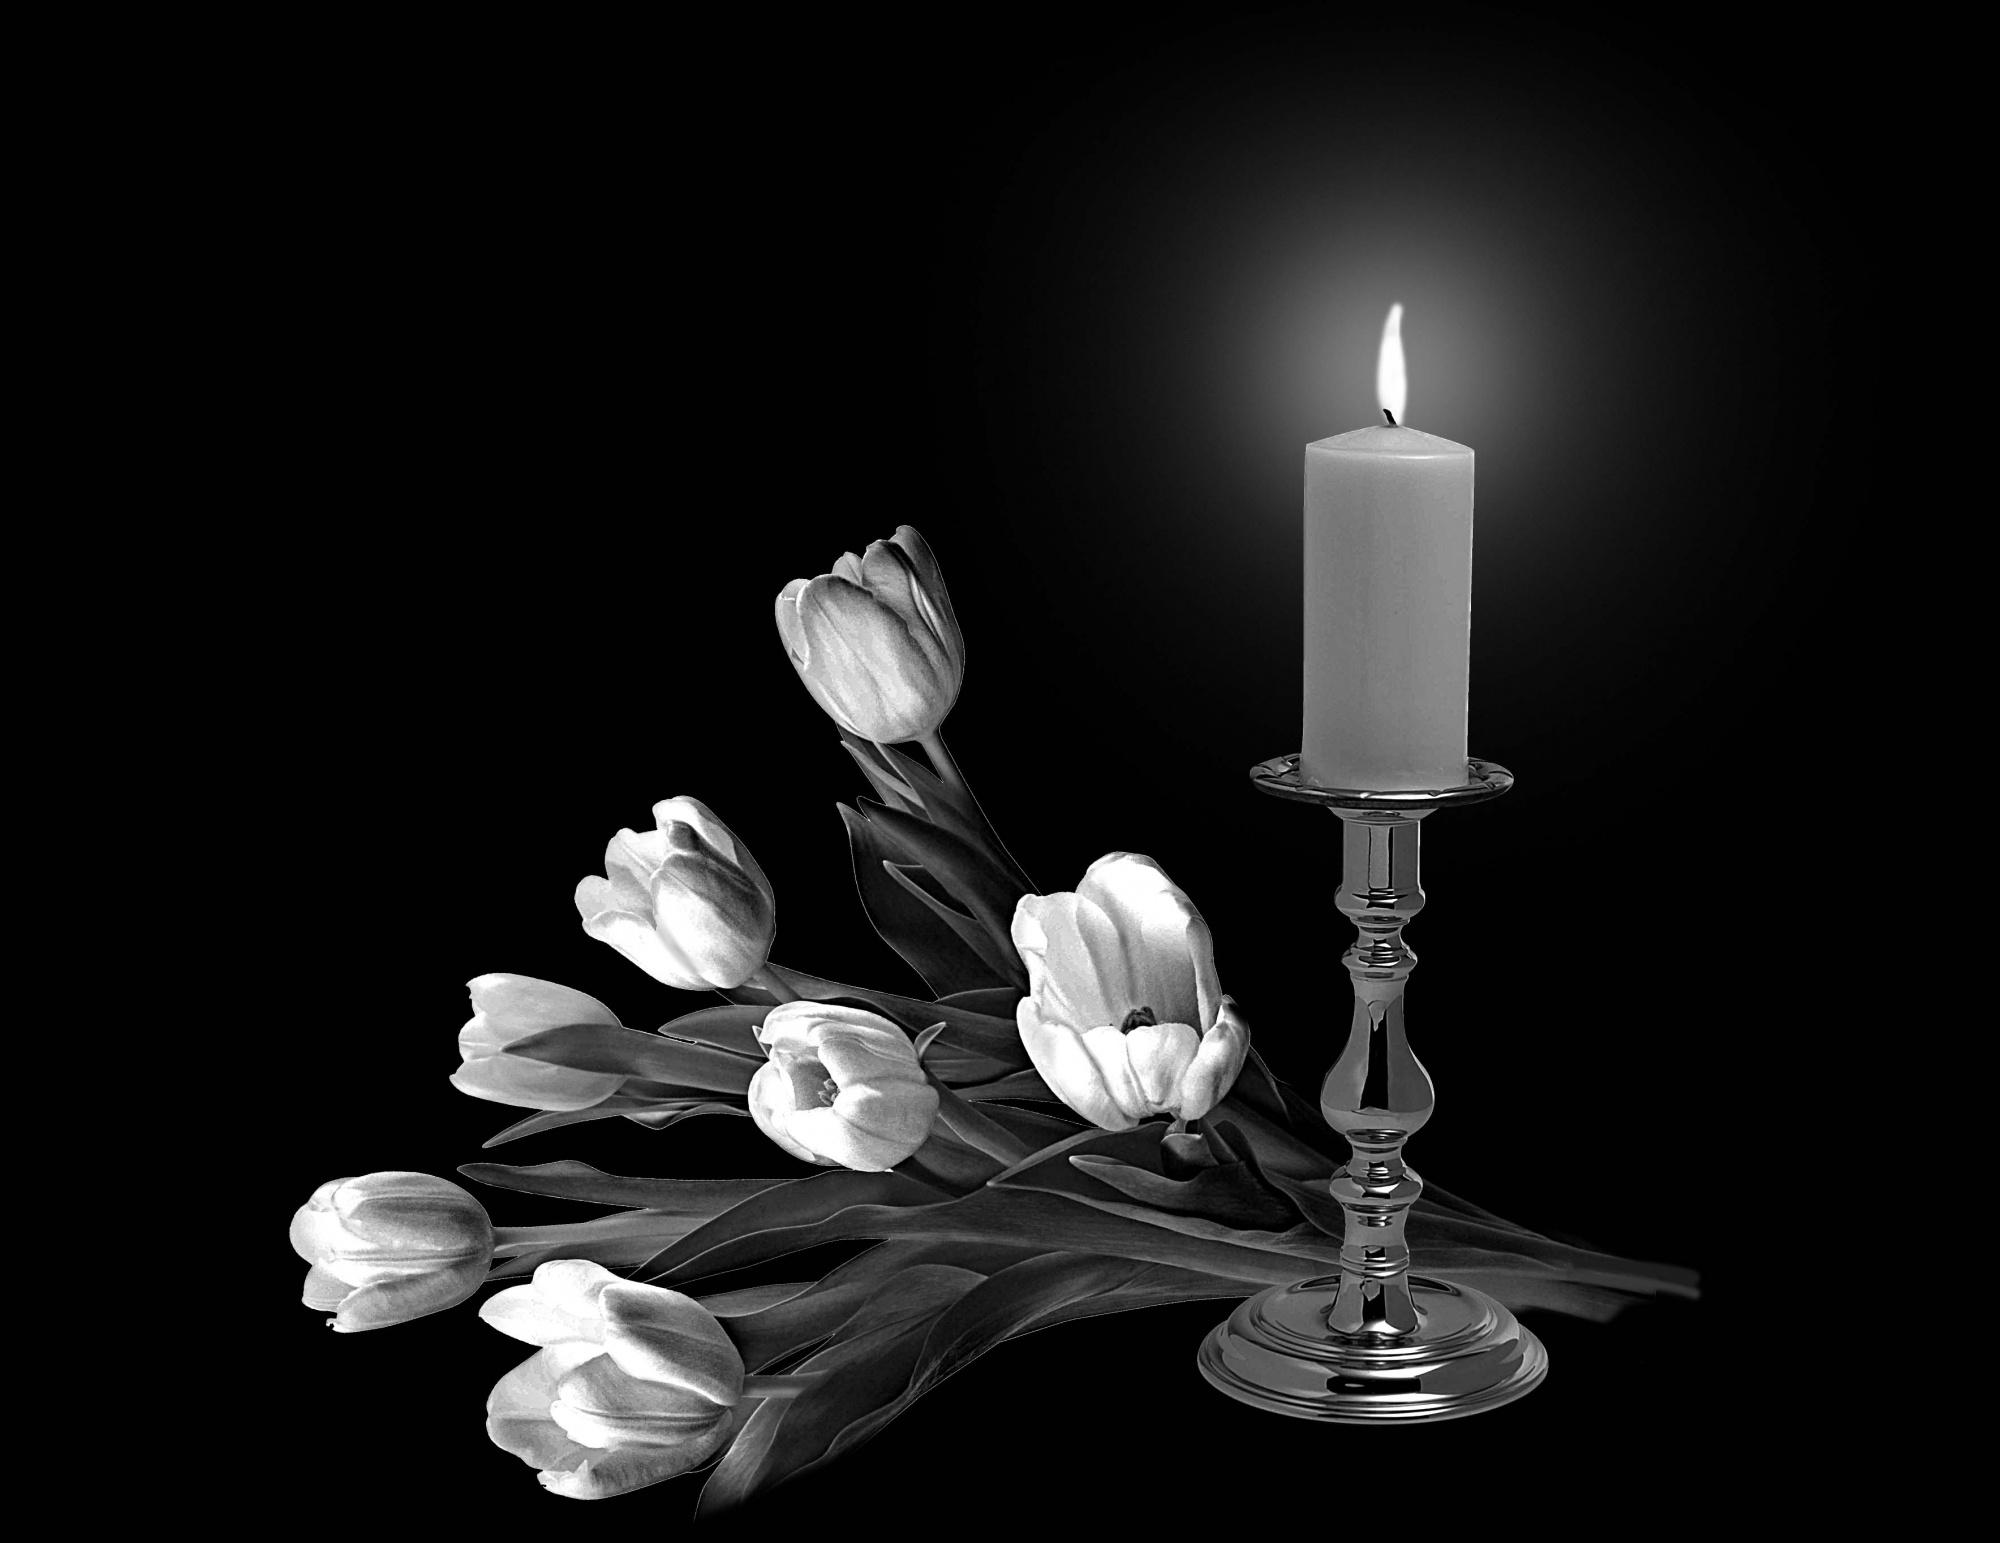 рецепты тщательно цветы и свеча на памятник фото можете воспроизводить разные